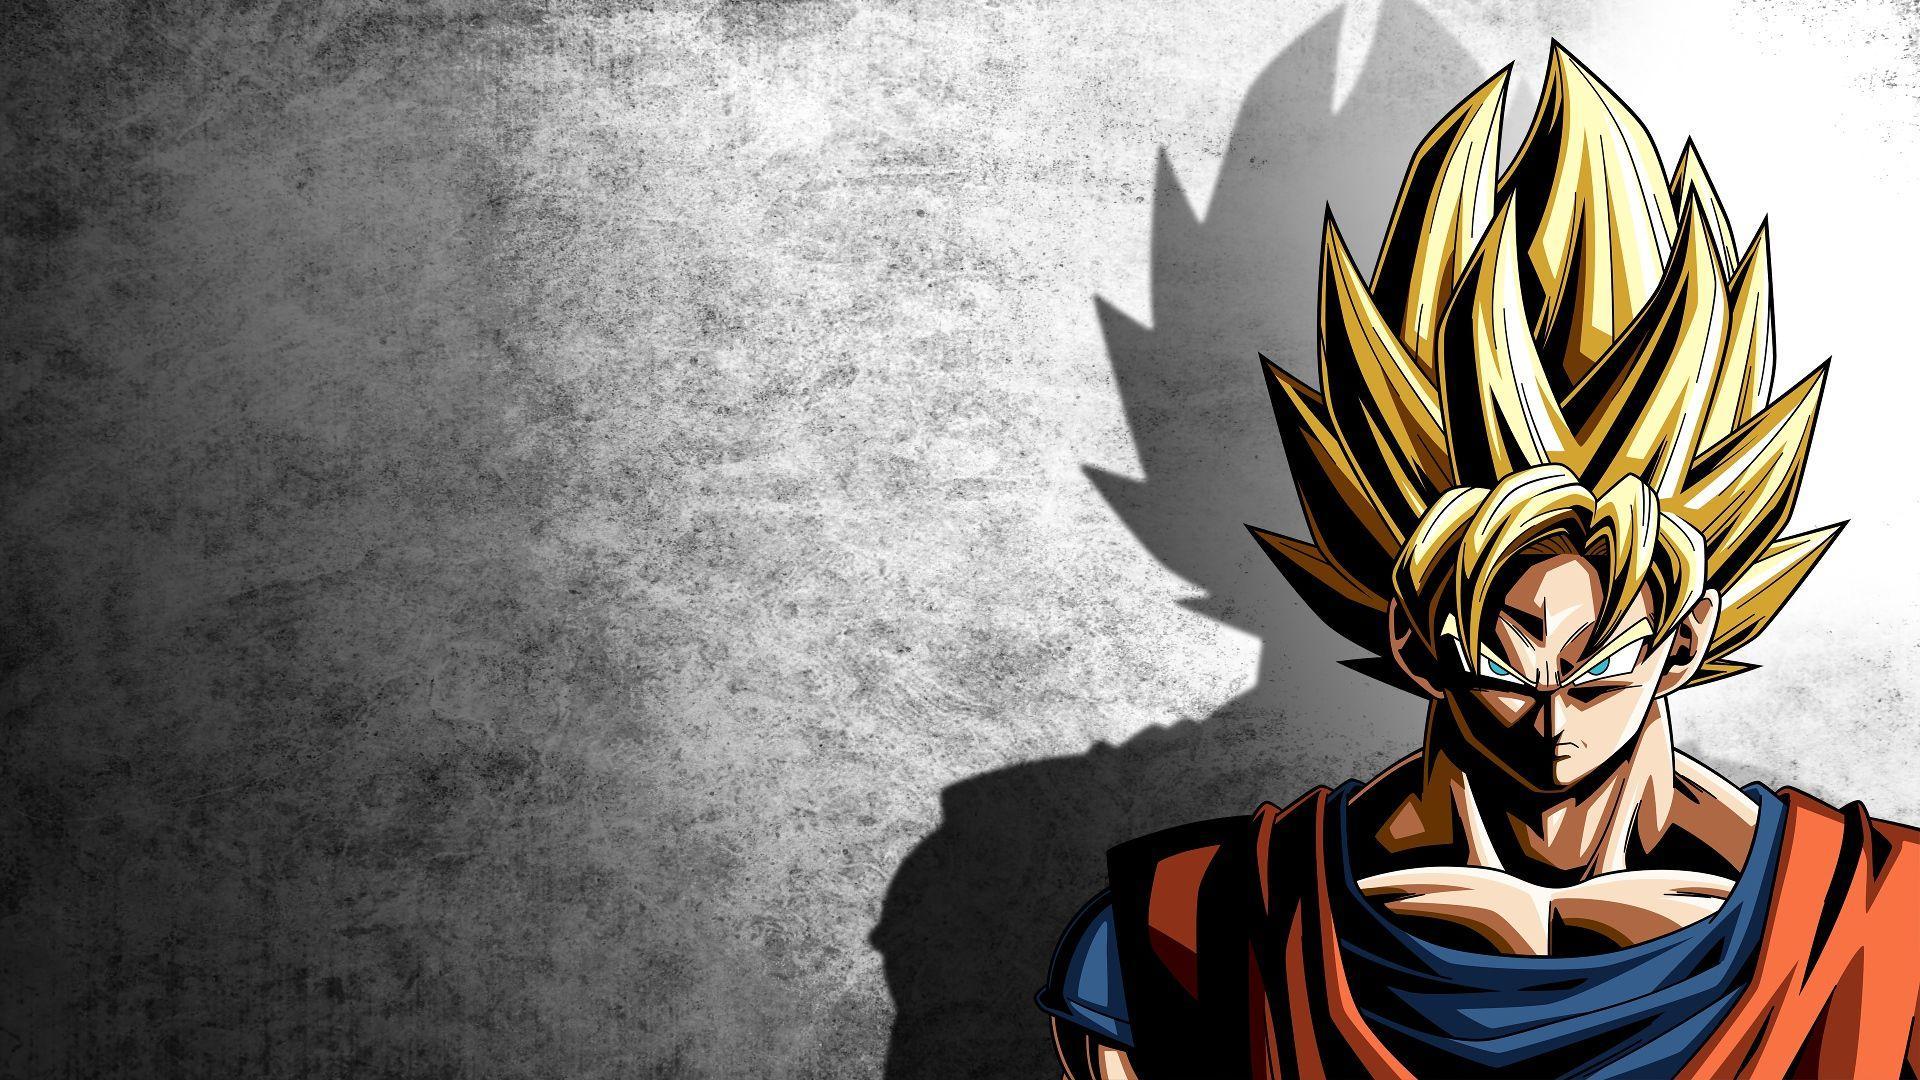 30 تا از قویترین شخصیت های کل تاریخ انیمه